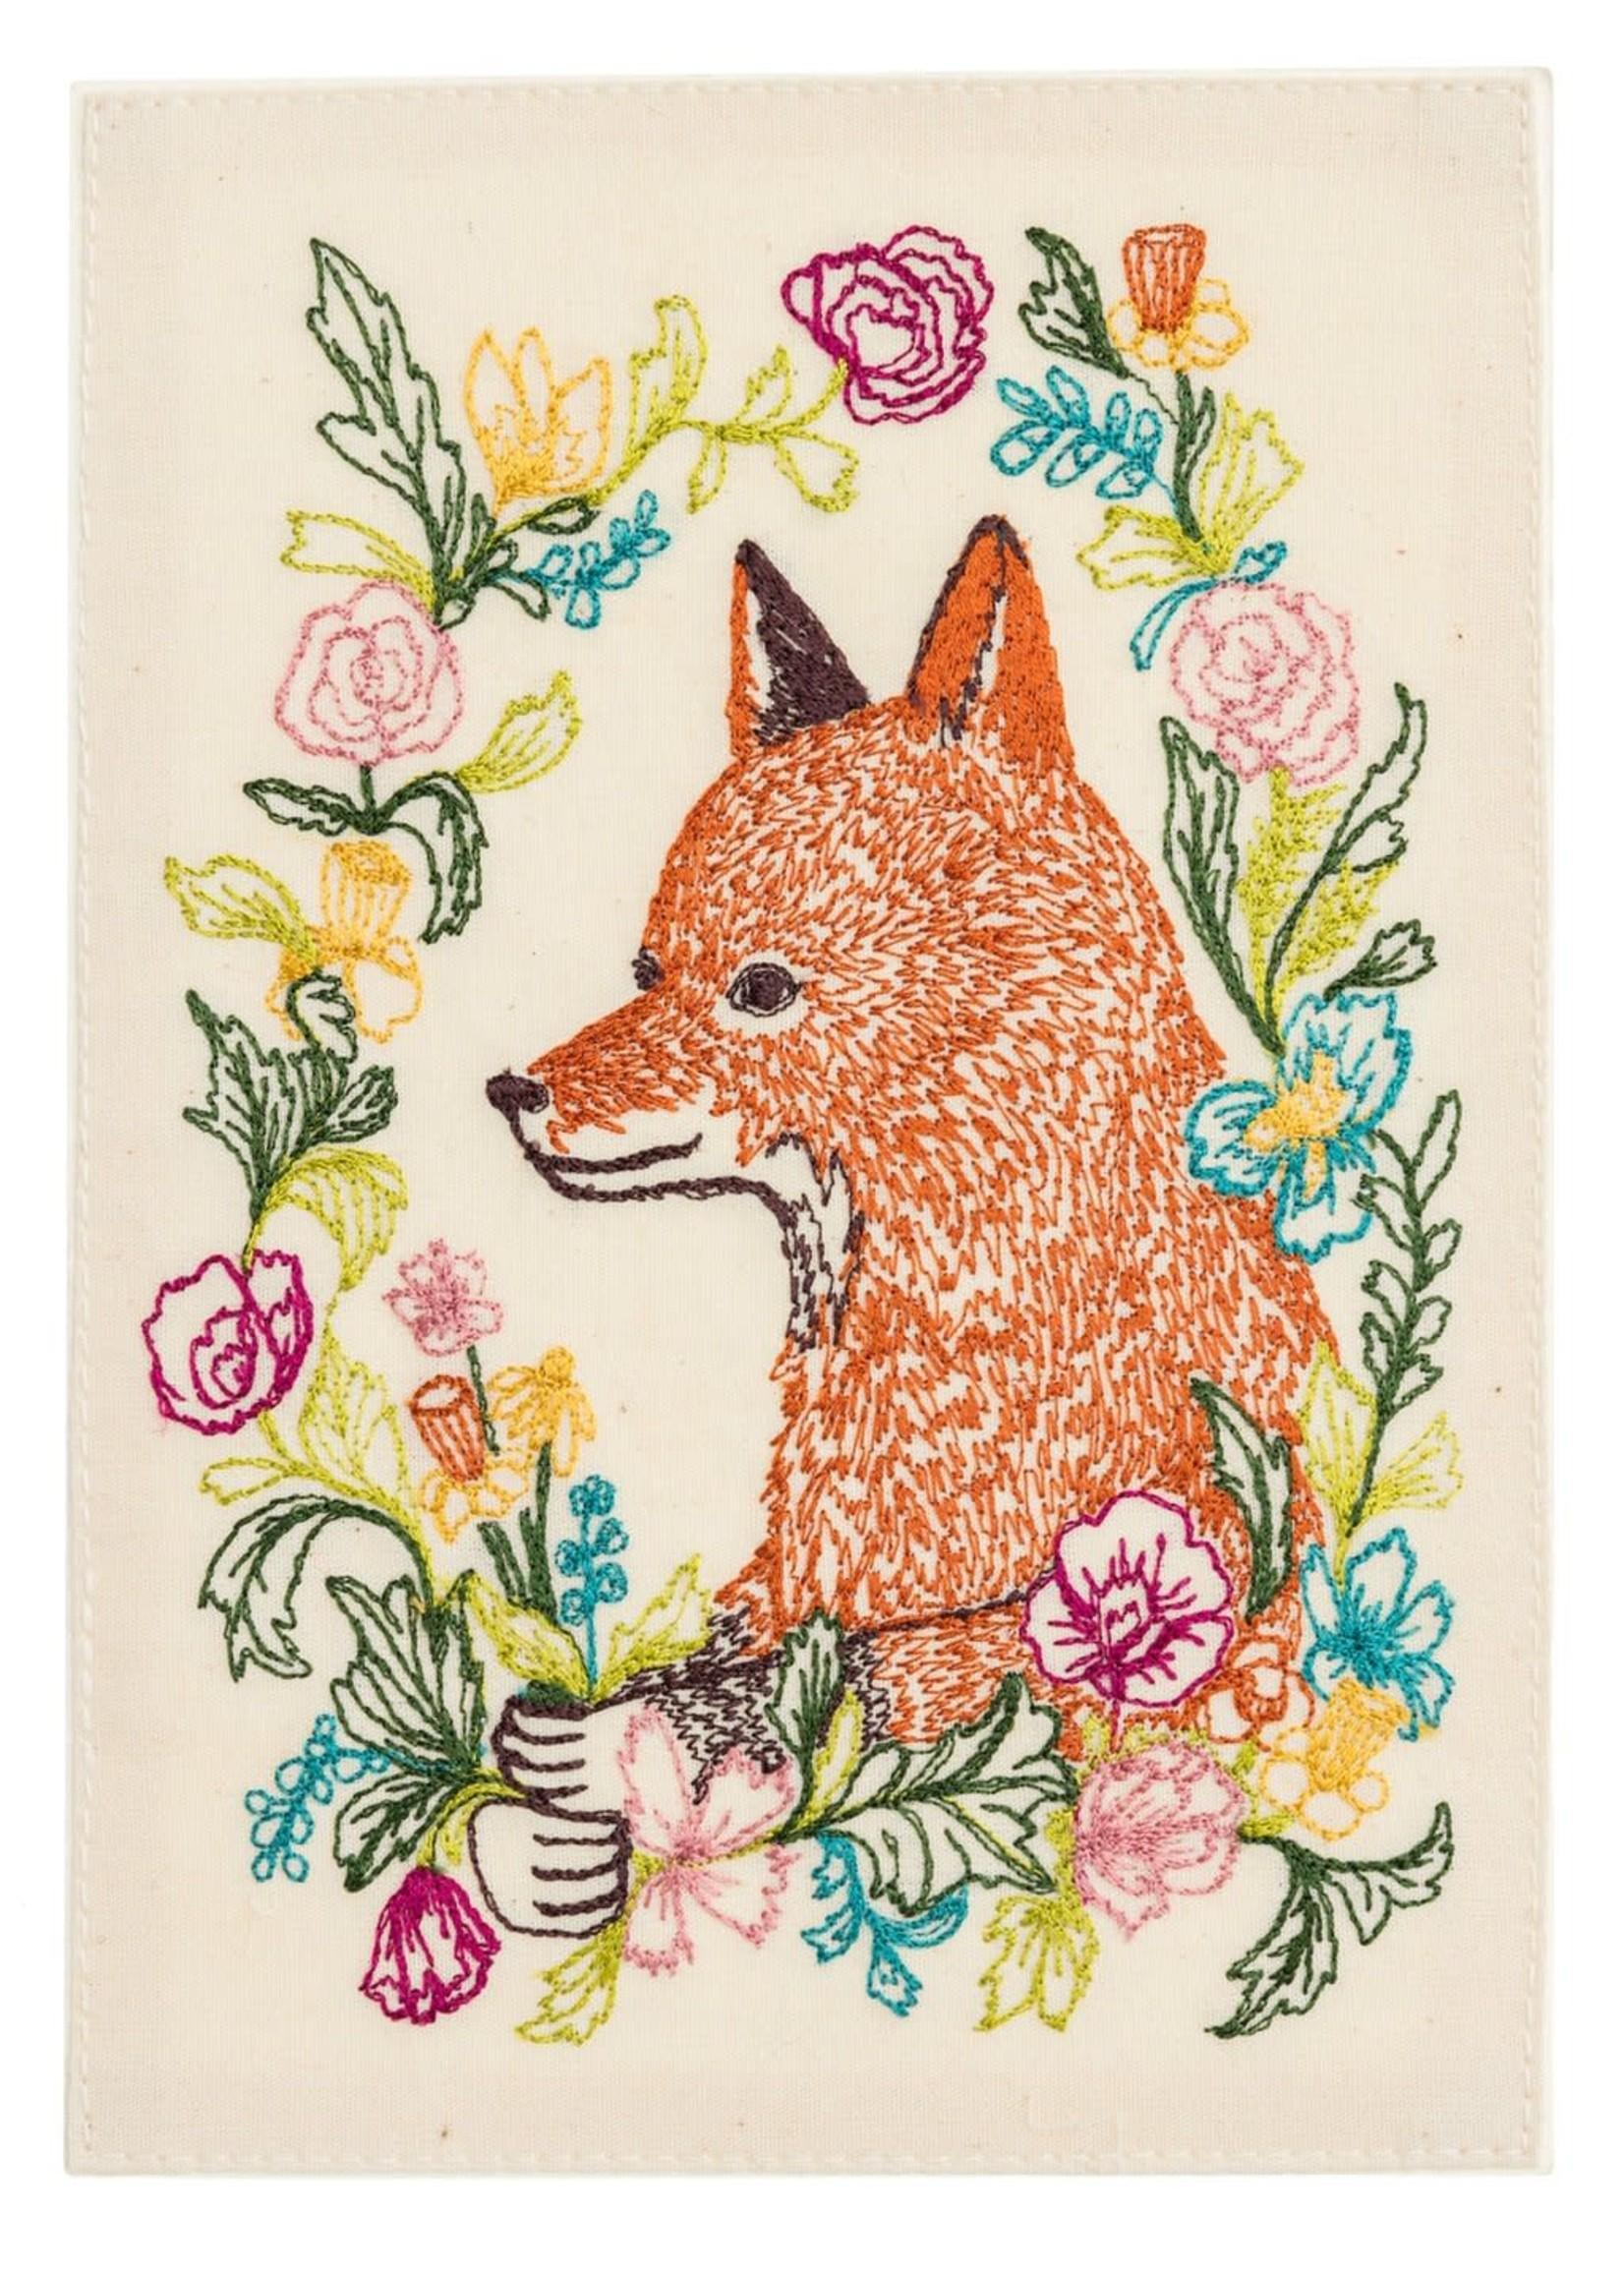 Coral and Tusk Card - Garland Fox